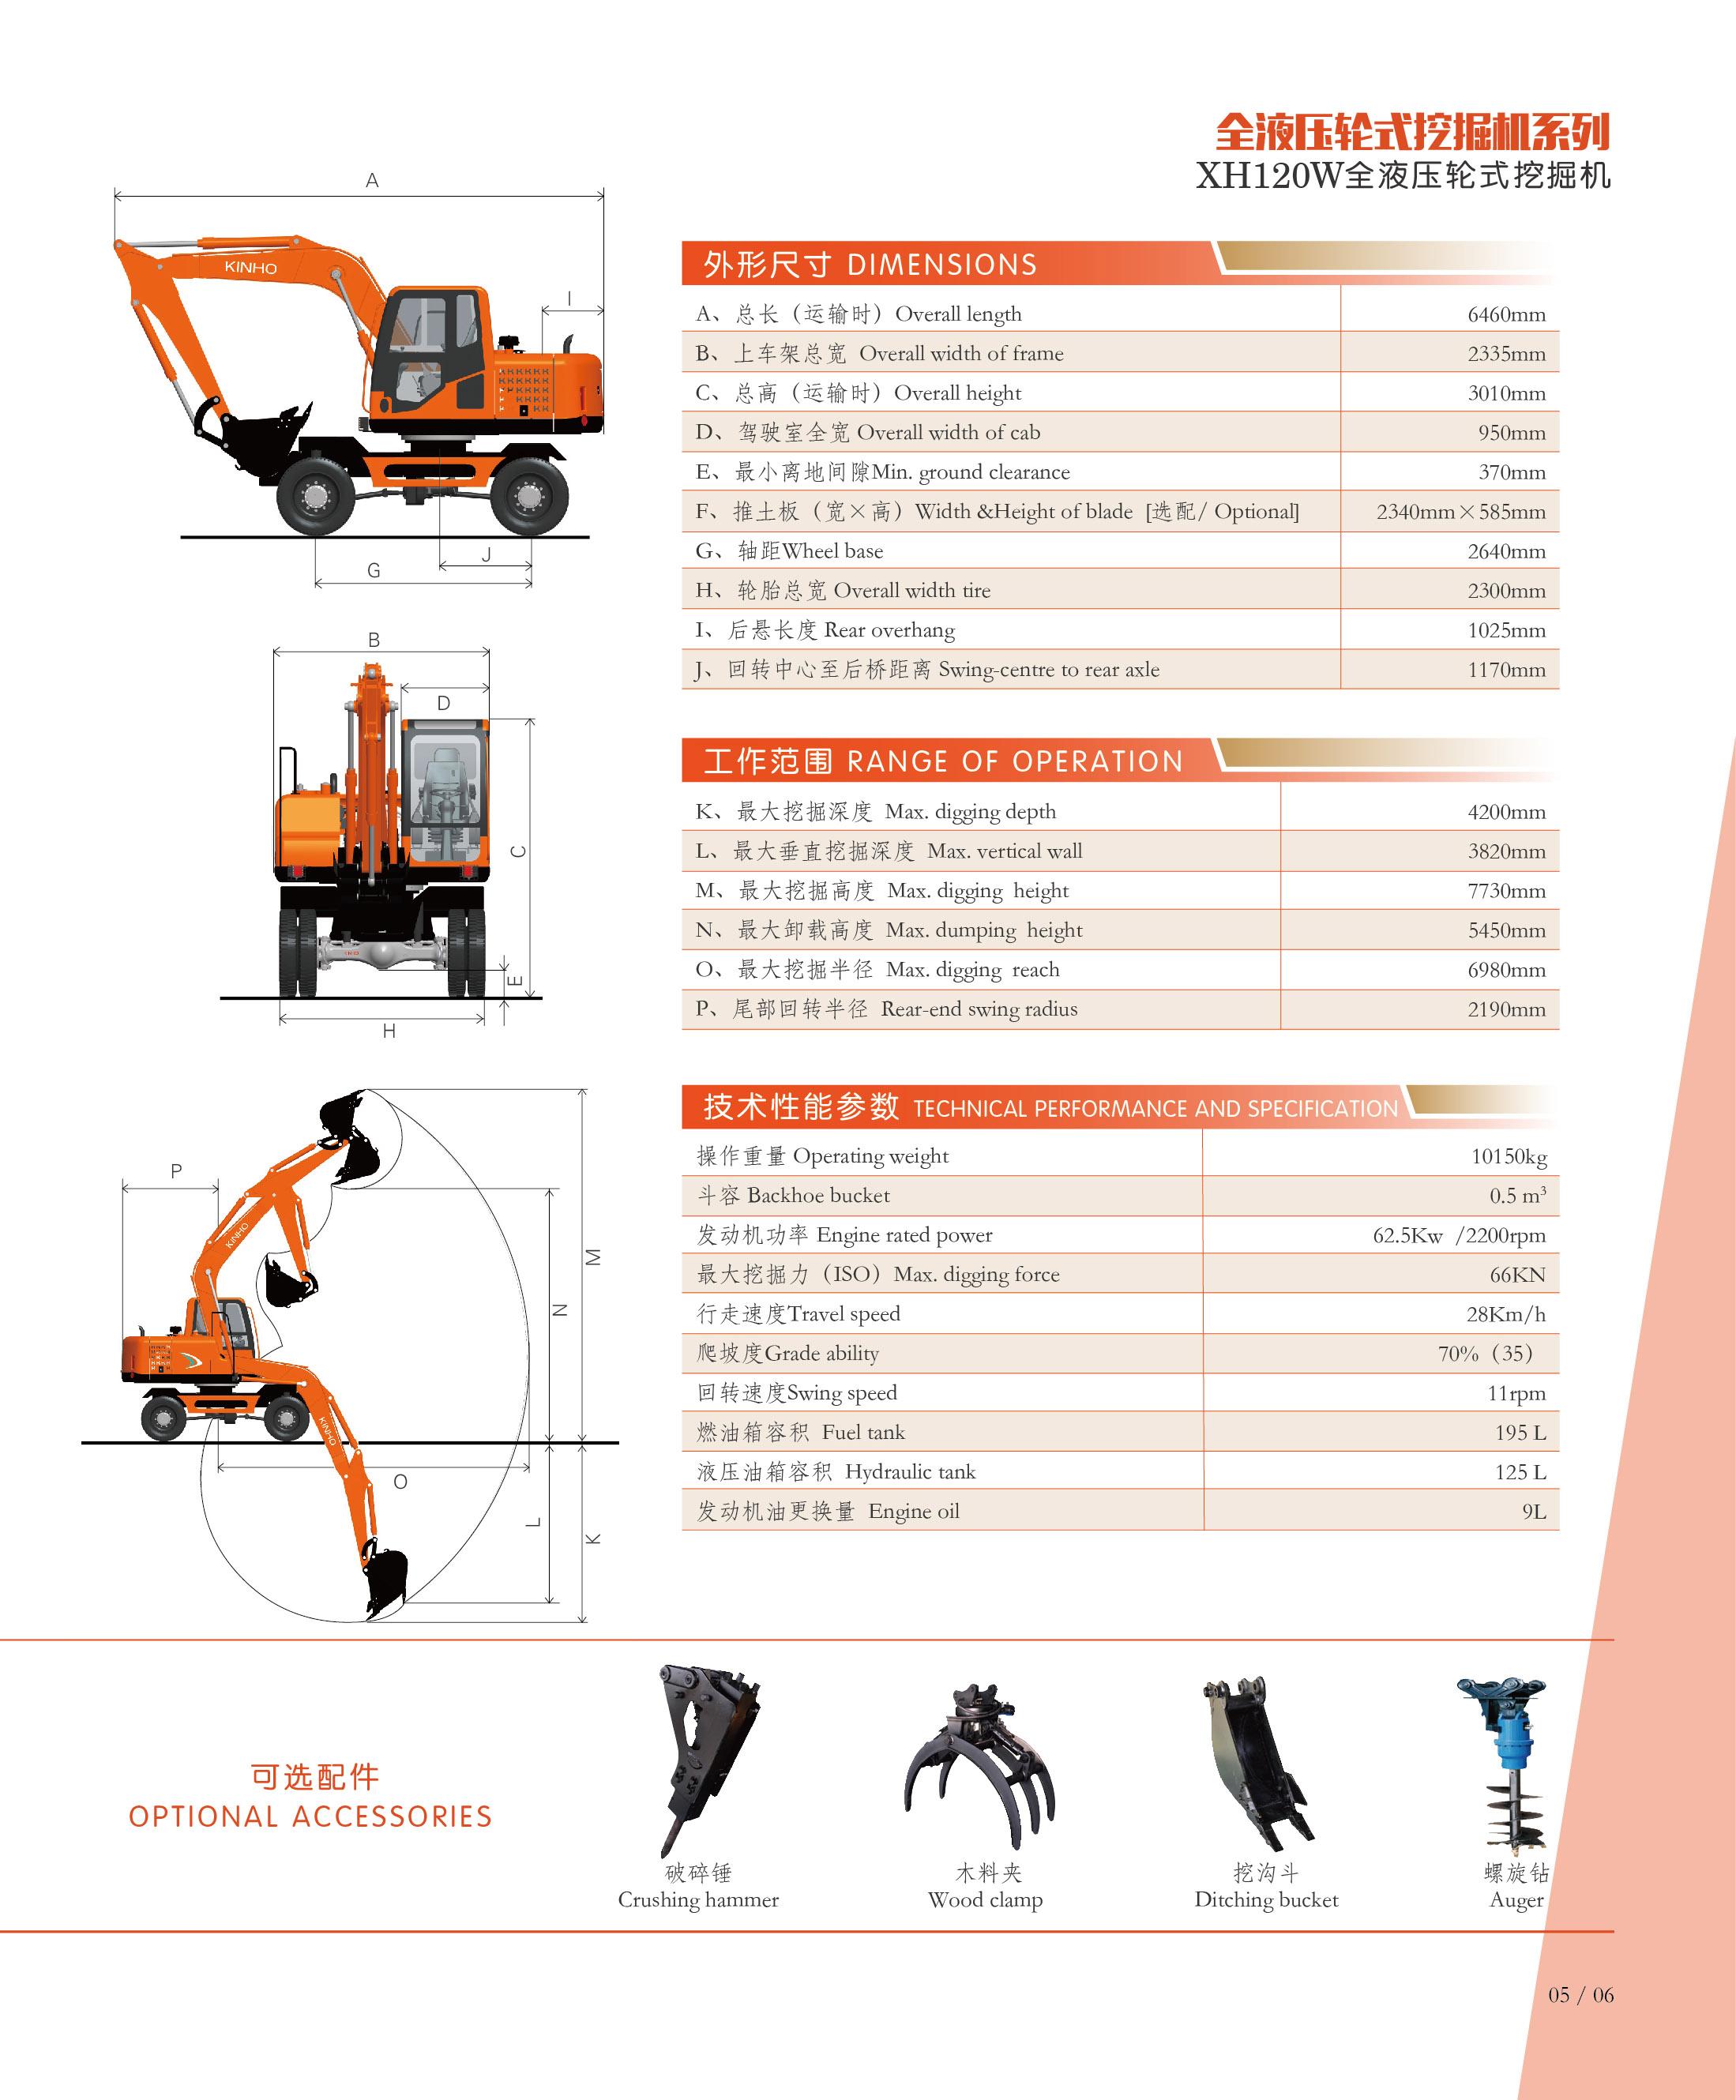 福建轮式挖掘机